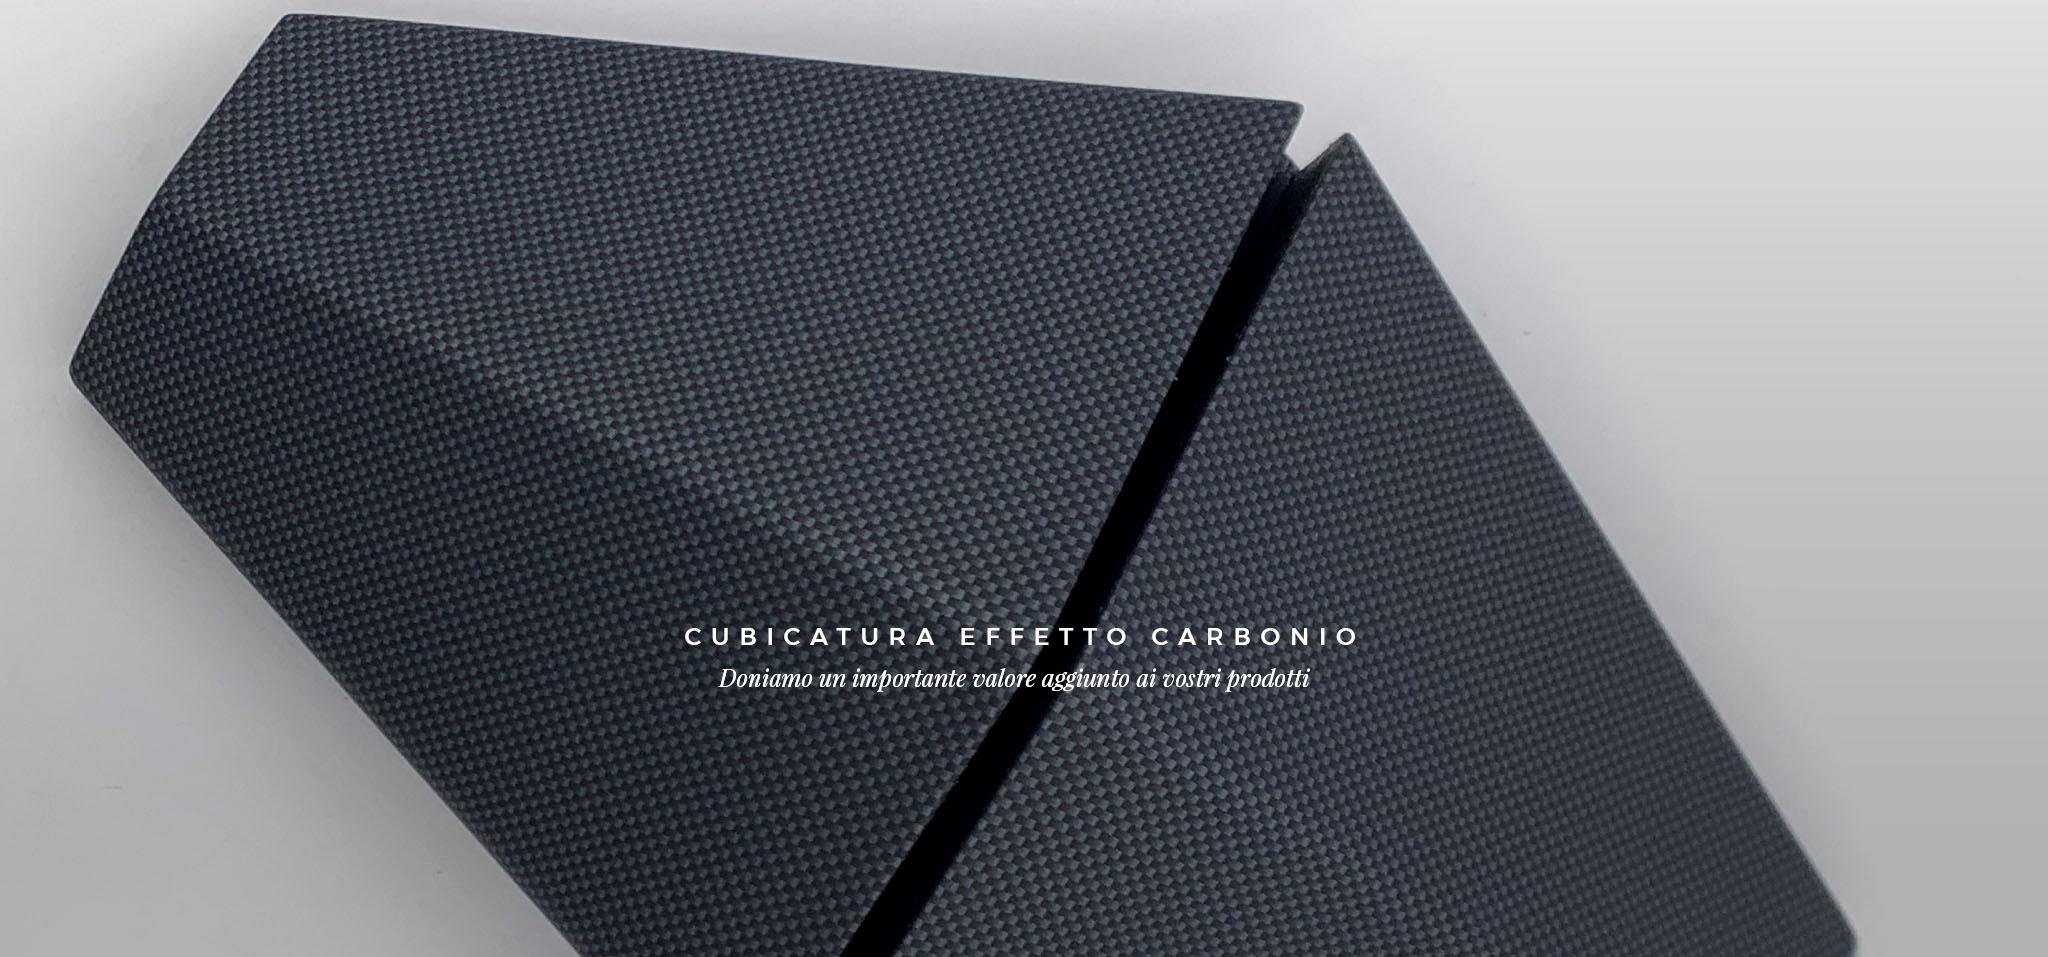 cubicatura-carbonio